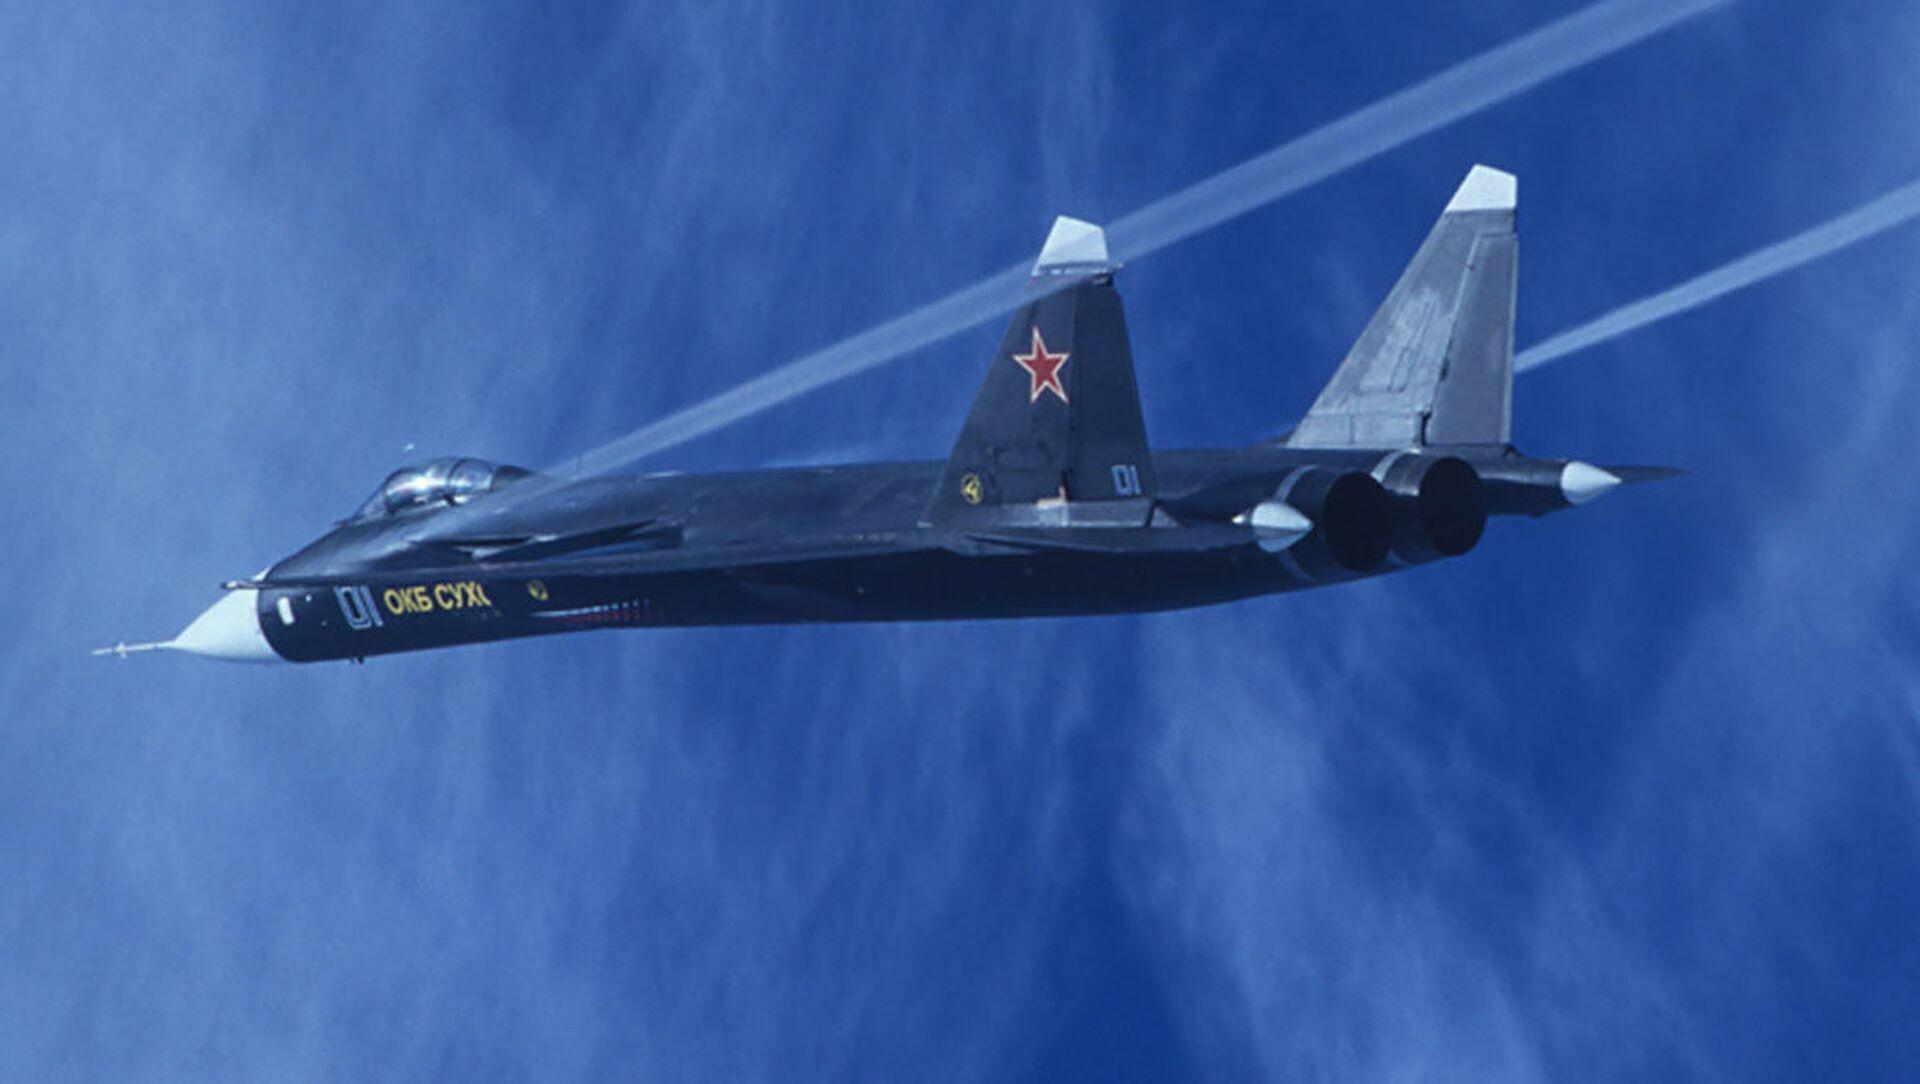 Máy bay chiến đấu thử nghiệm Su-47 Berkut - Sputnik Việt Nam, 1920, 02.04.2021